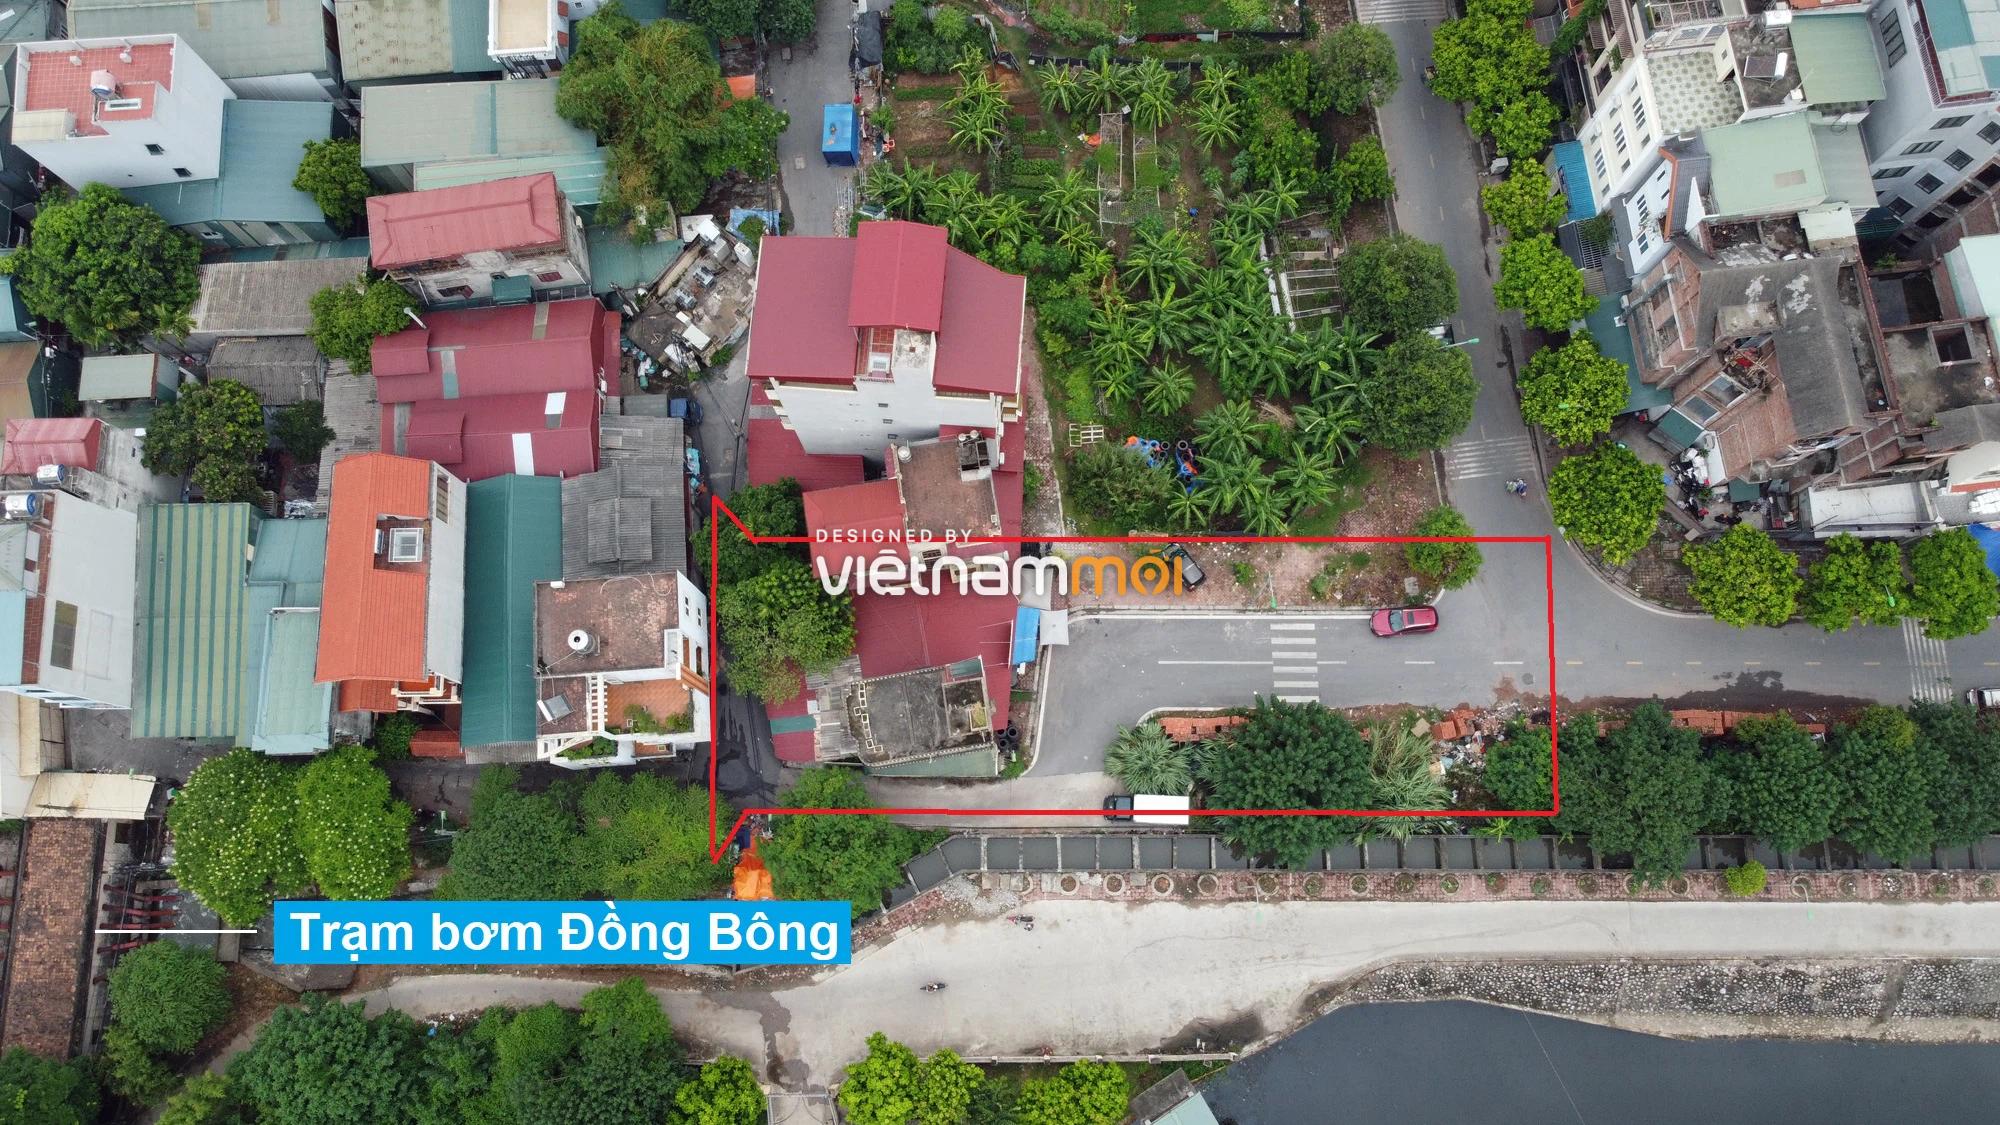 Những khu đất sắp thu hồi để mở đường ở phường Trung Văn, Nam Từ Liêm, Hà Nội (phần 1) - Ảnh 17.